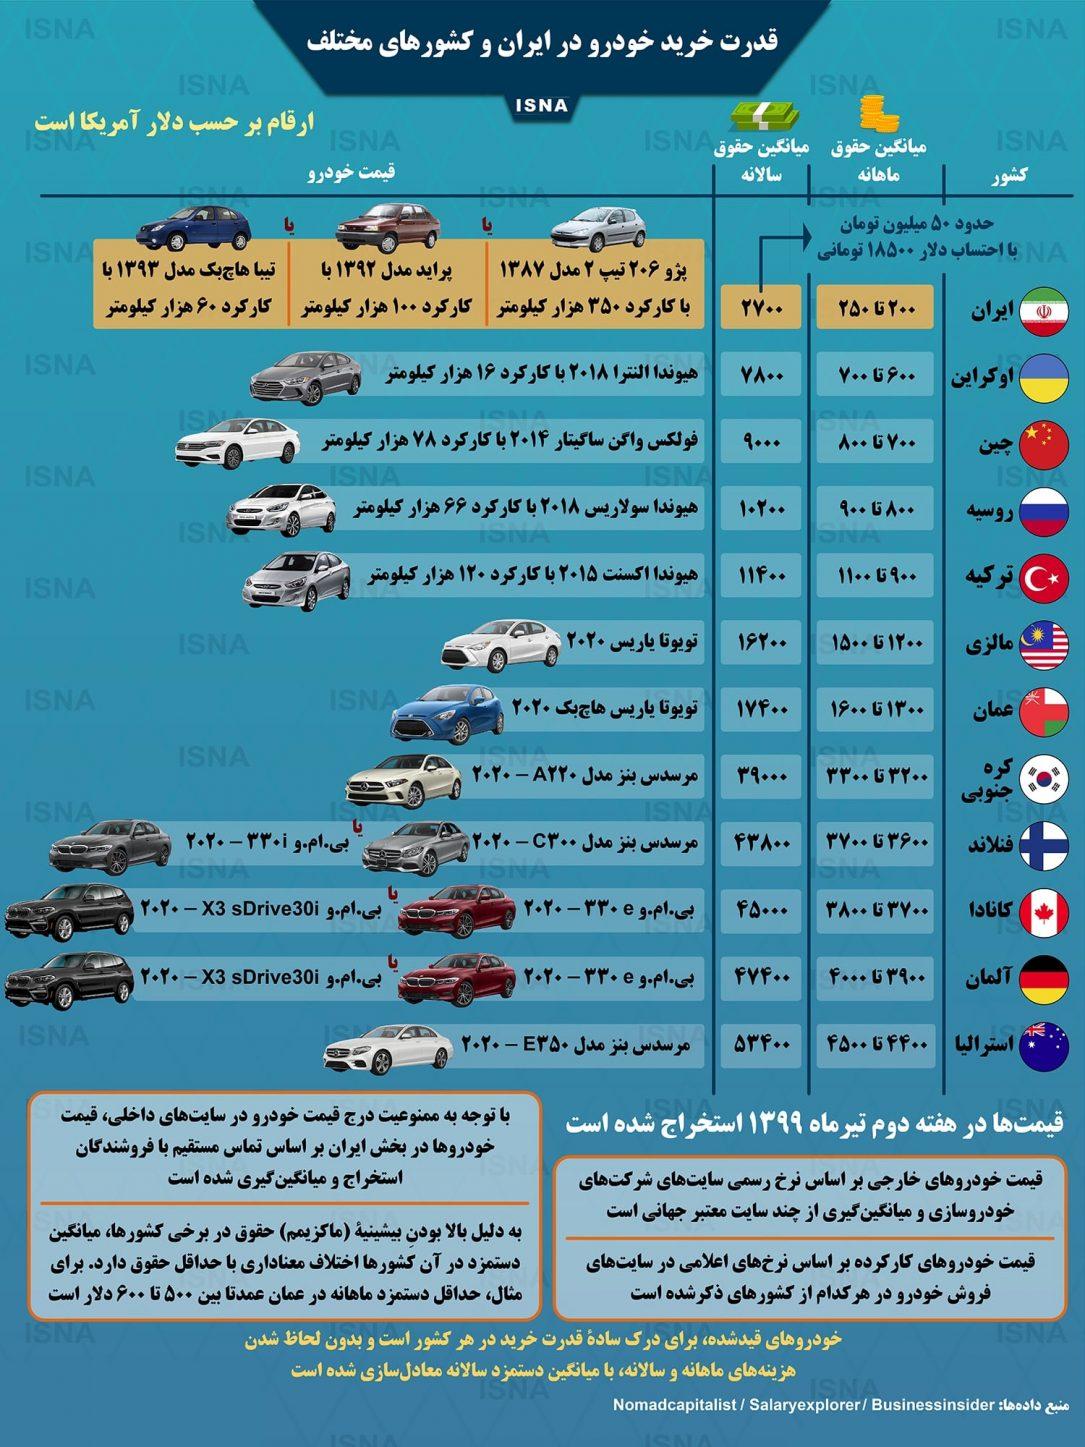 قدرت خرید خودرو در ایران و کشورهای مختلف